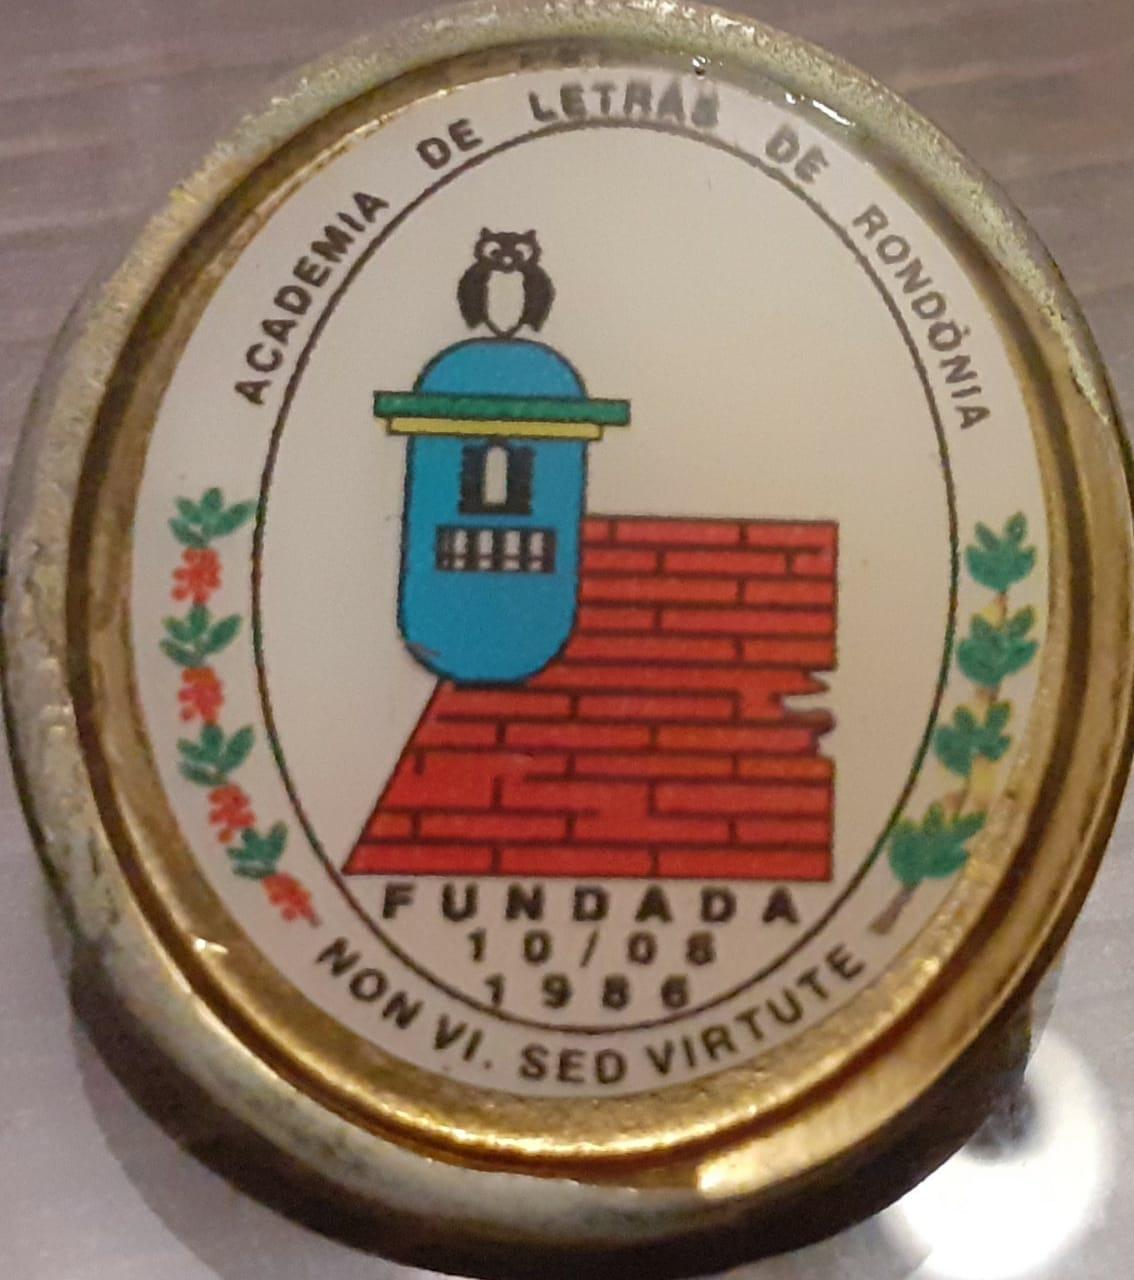 Medalha da Academia de Letras de Rondônia